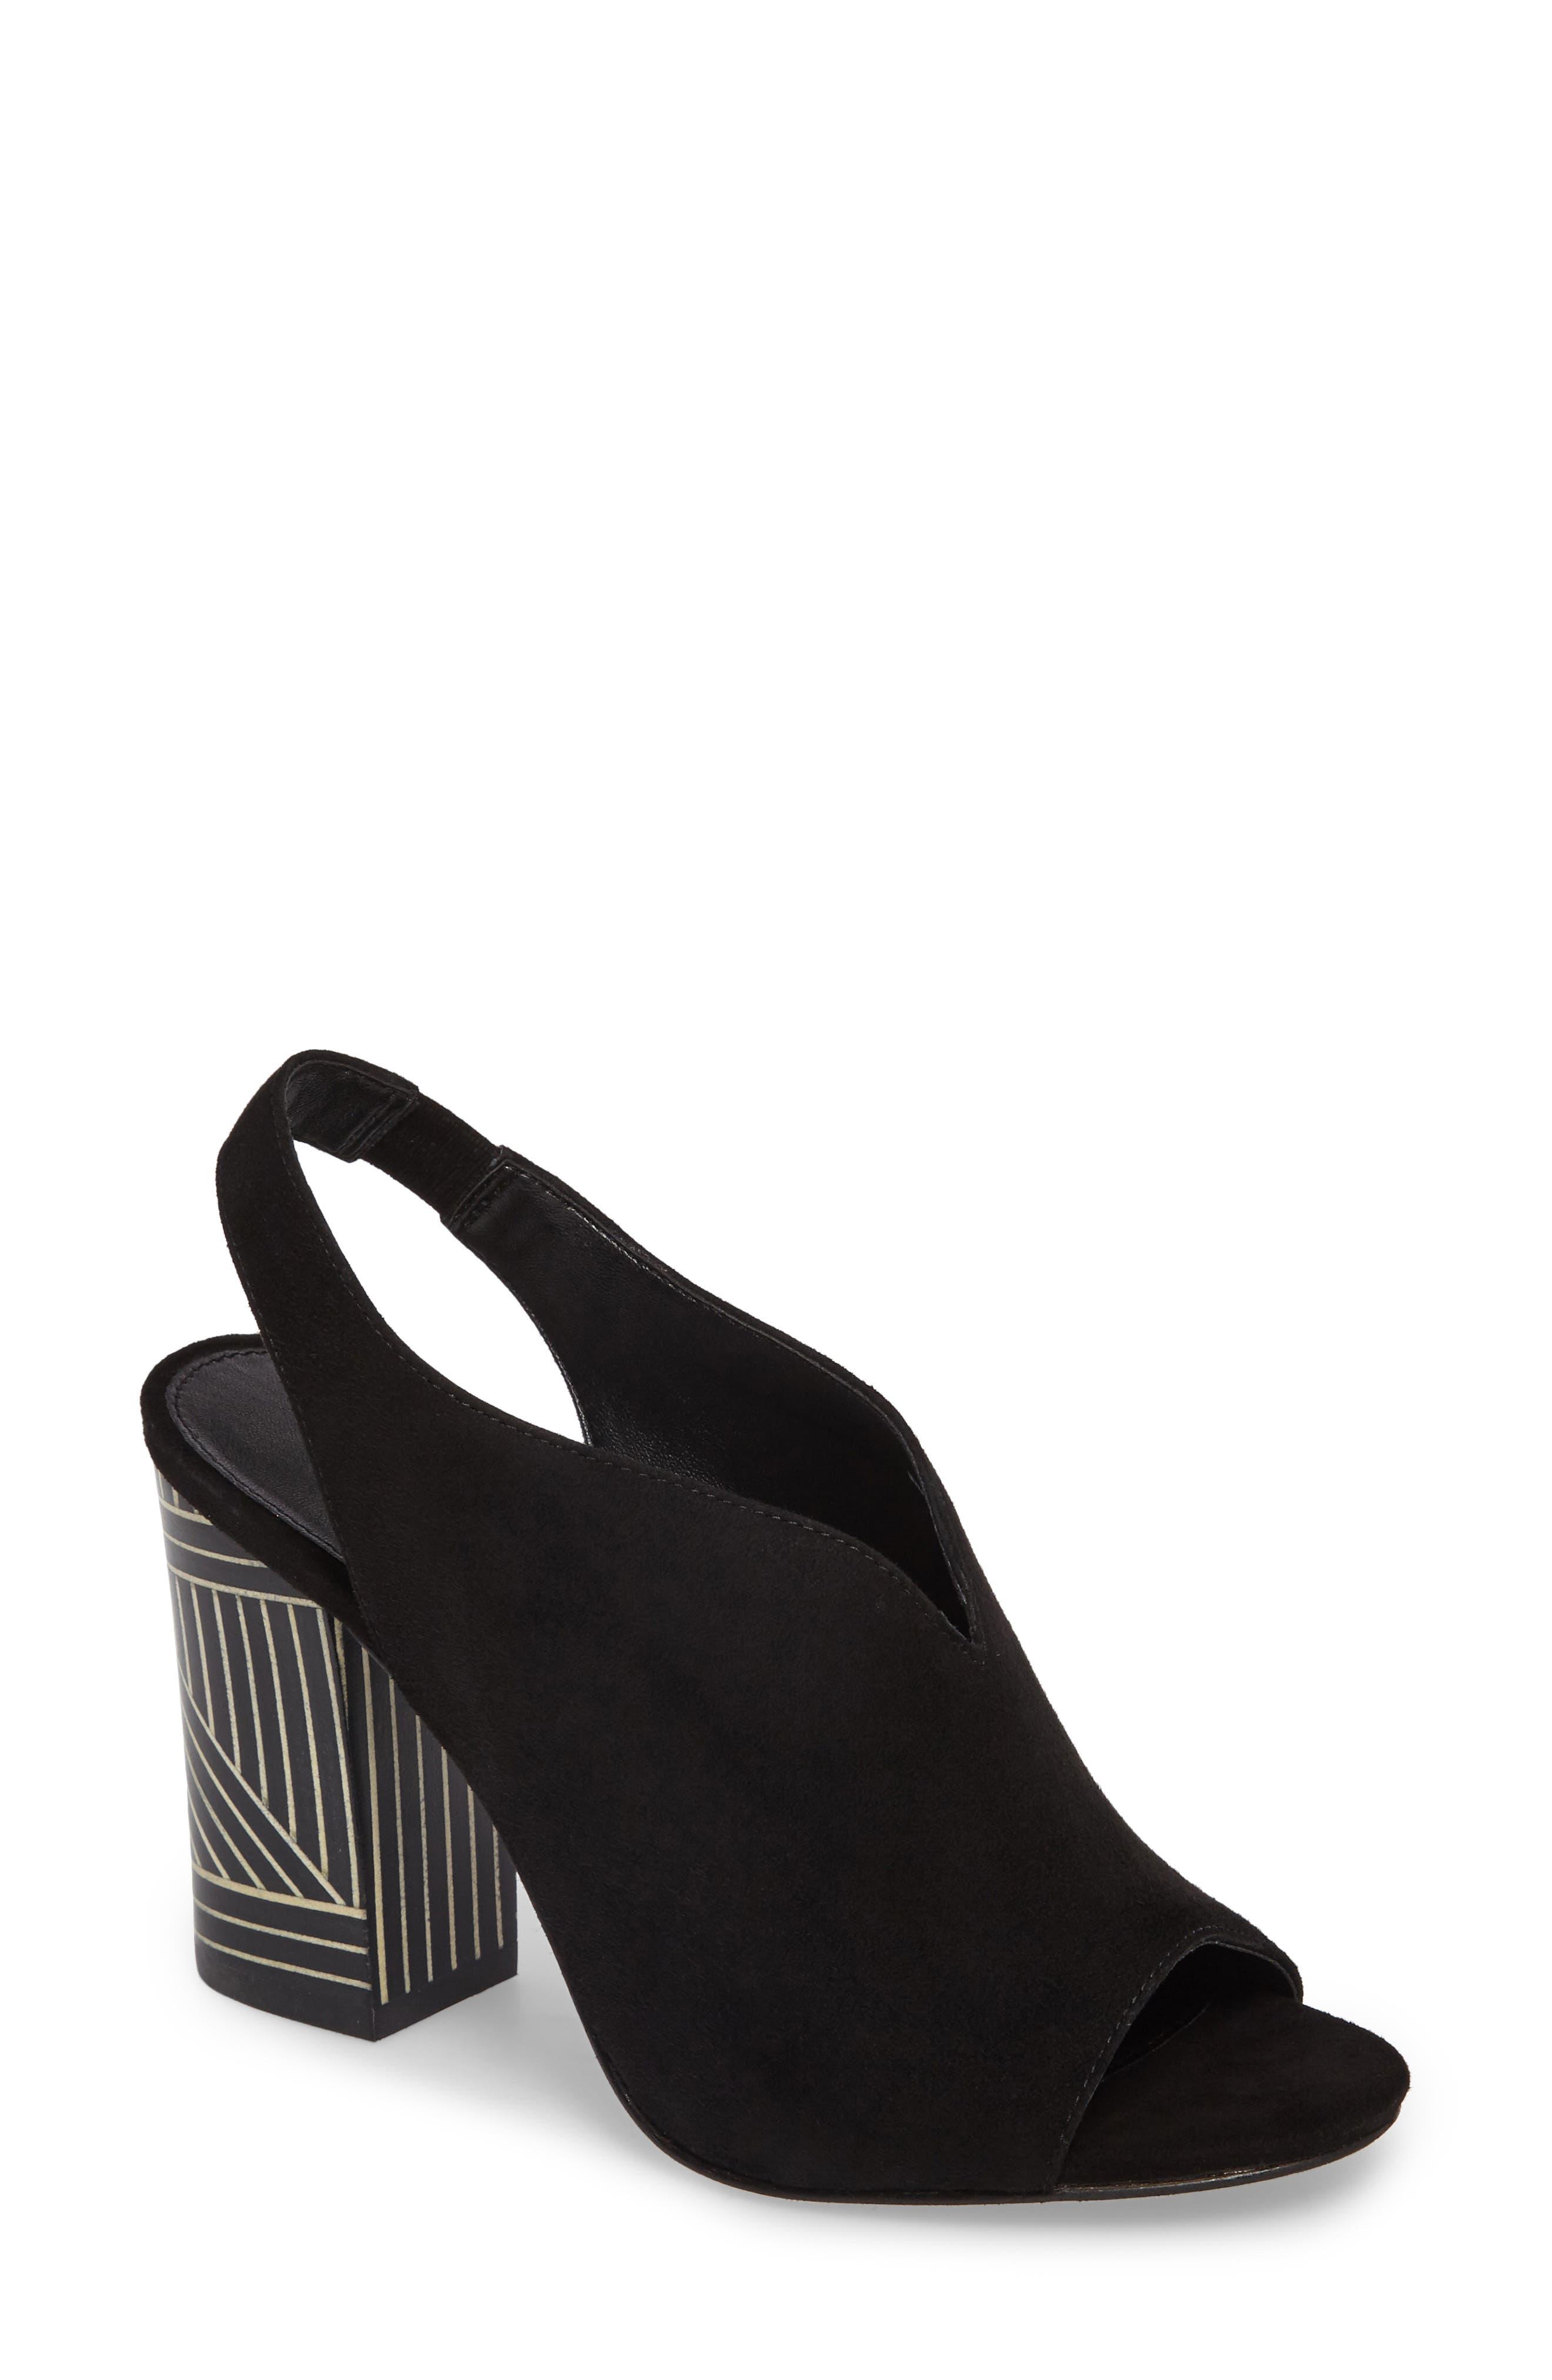 Alternate Image 1 Selected - Pelle Moda Madra Slingback Sandal (Women)